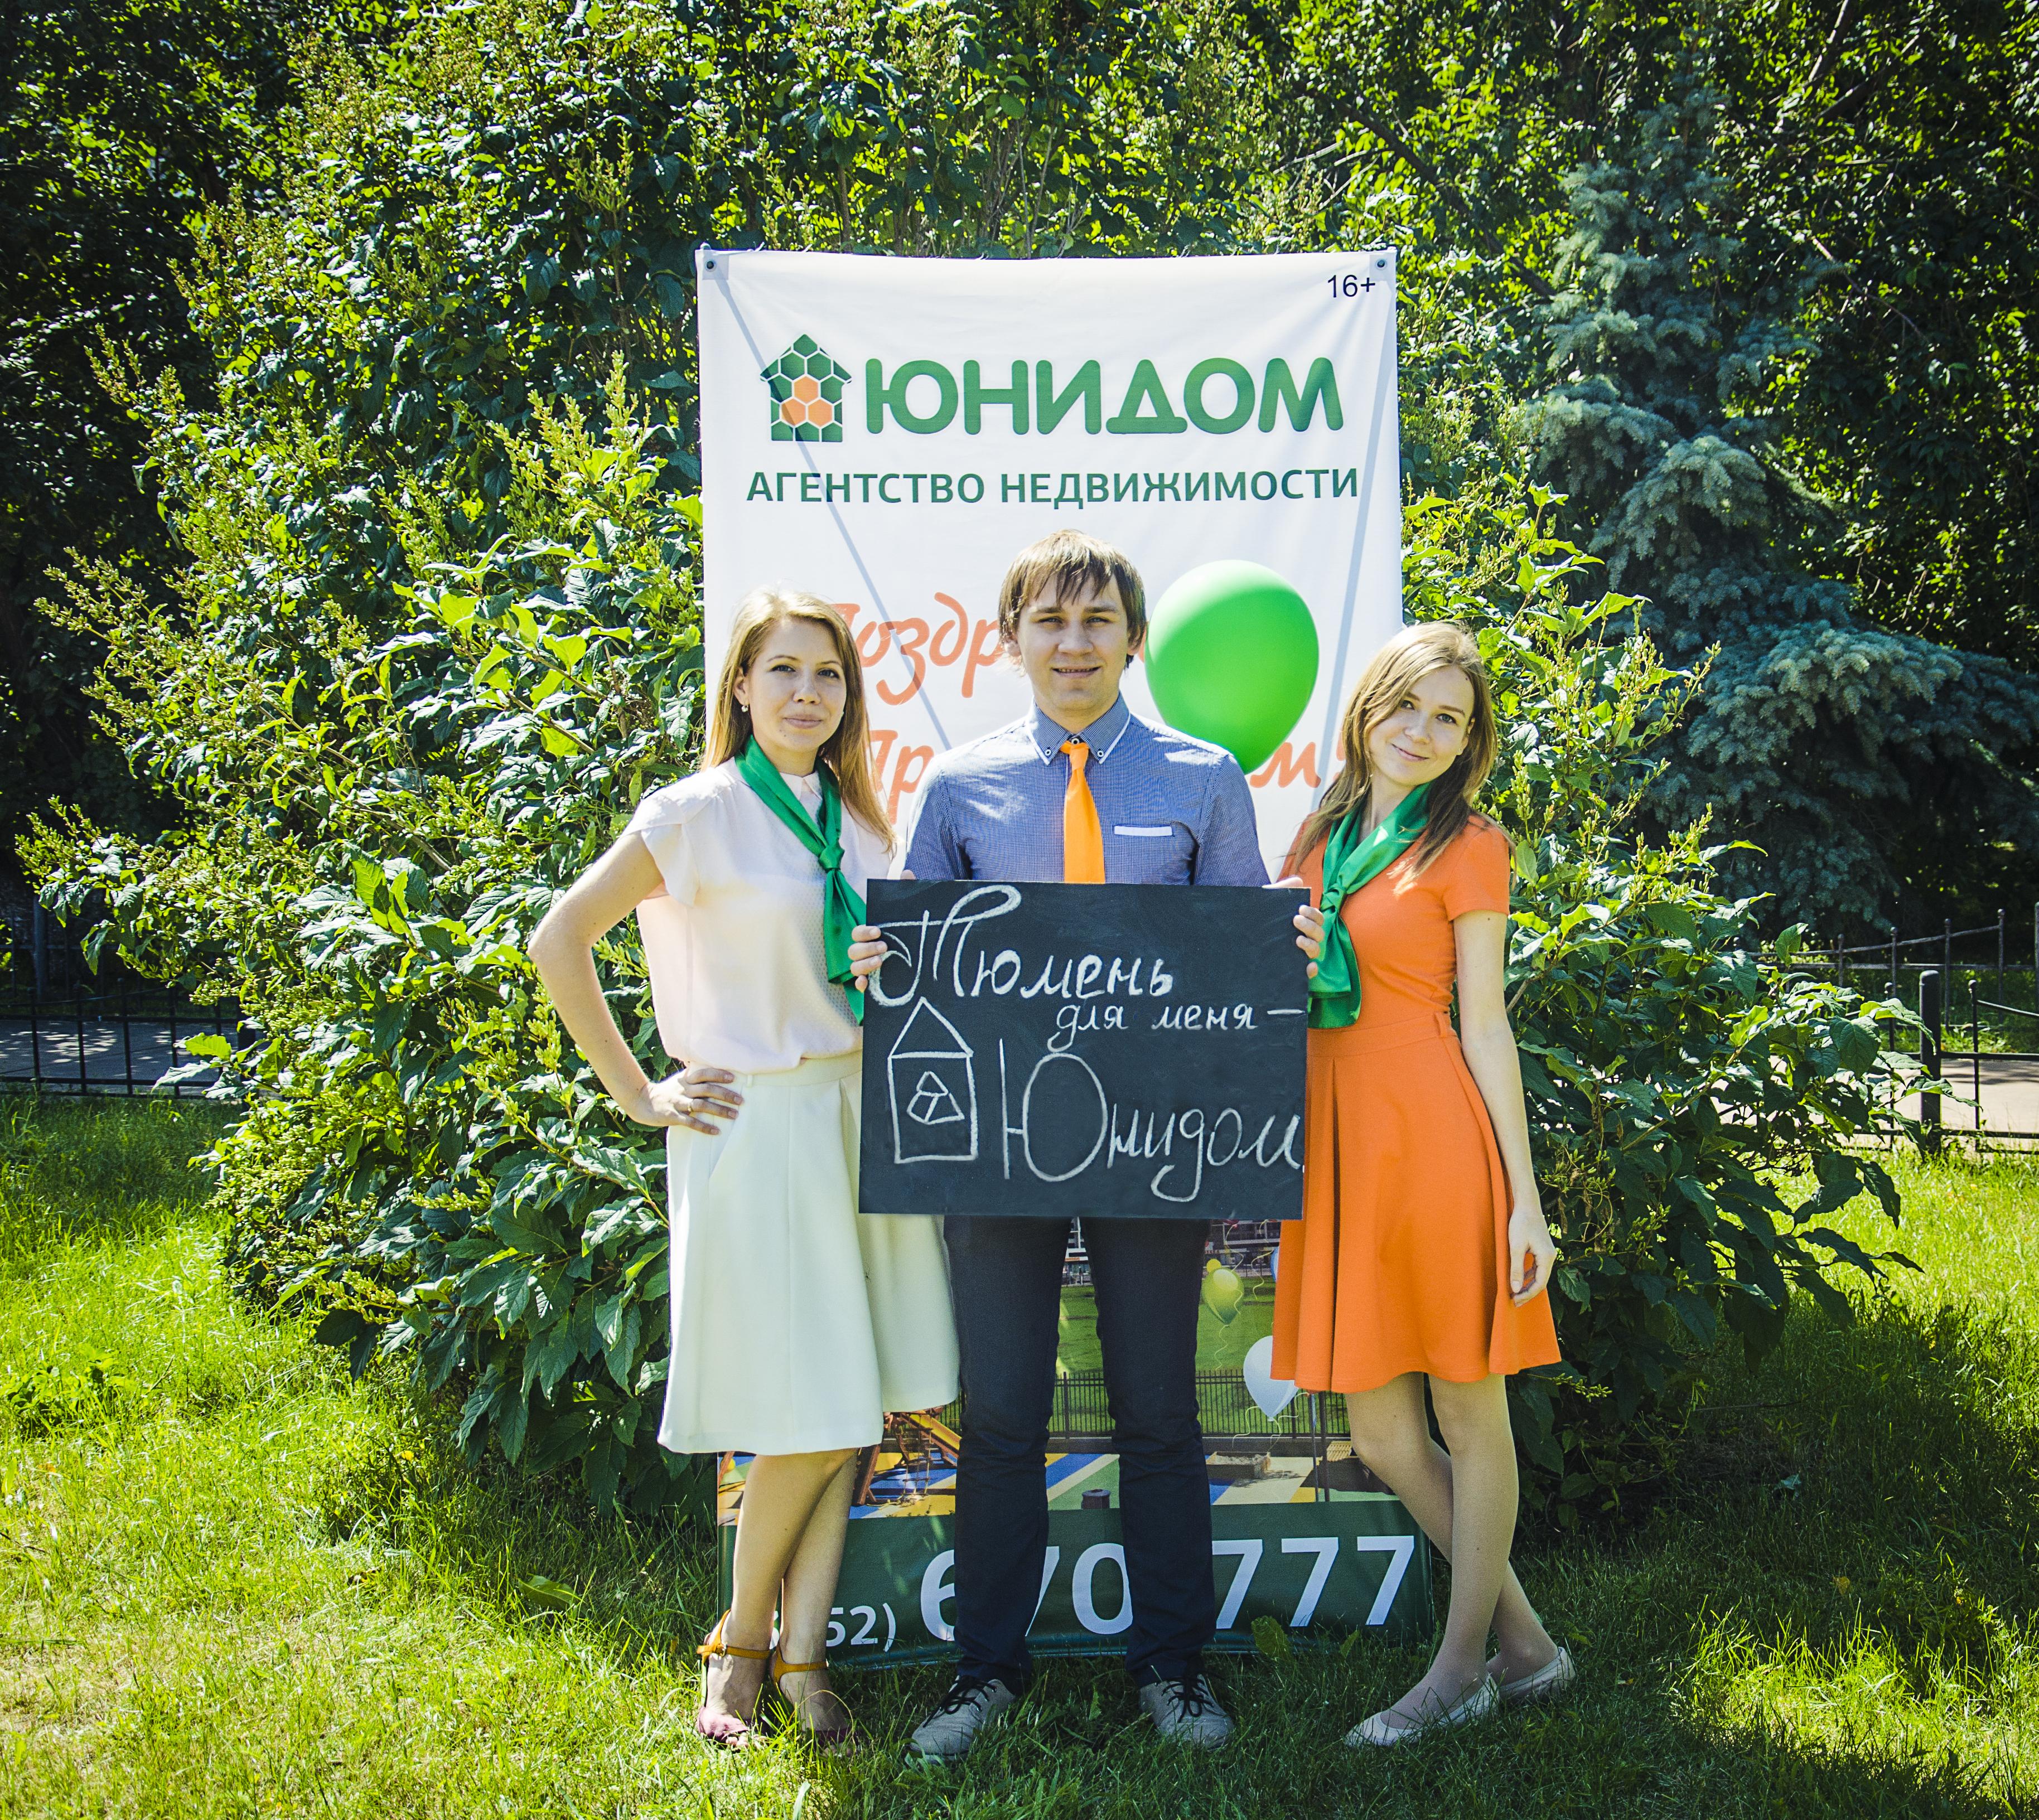 25 июля жители и гости Тюмени совместно с компанией «ЮНИДОМ» поздравили город с днем рождения.